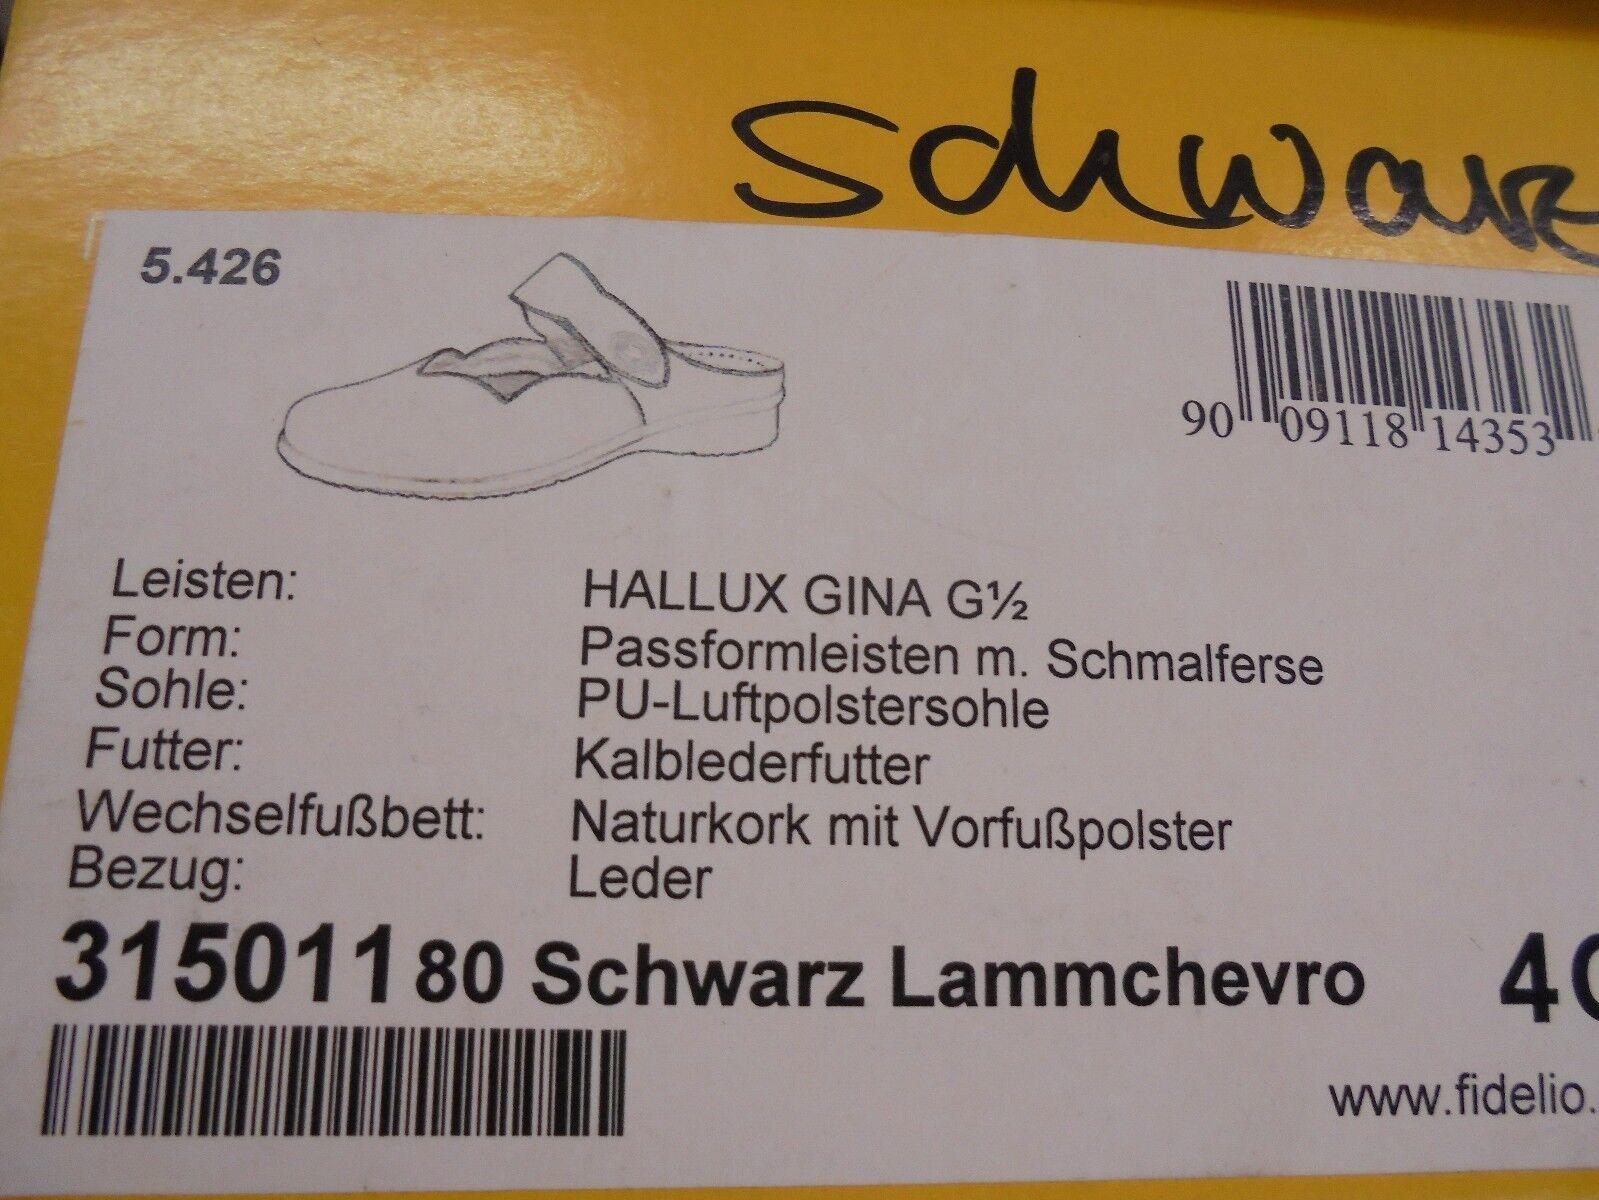 Fidelio 1/2  Hallux  GINA  Weite: G 1/2 Fidelio  Modell 315011  80  Wechselfußbett 80c647